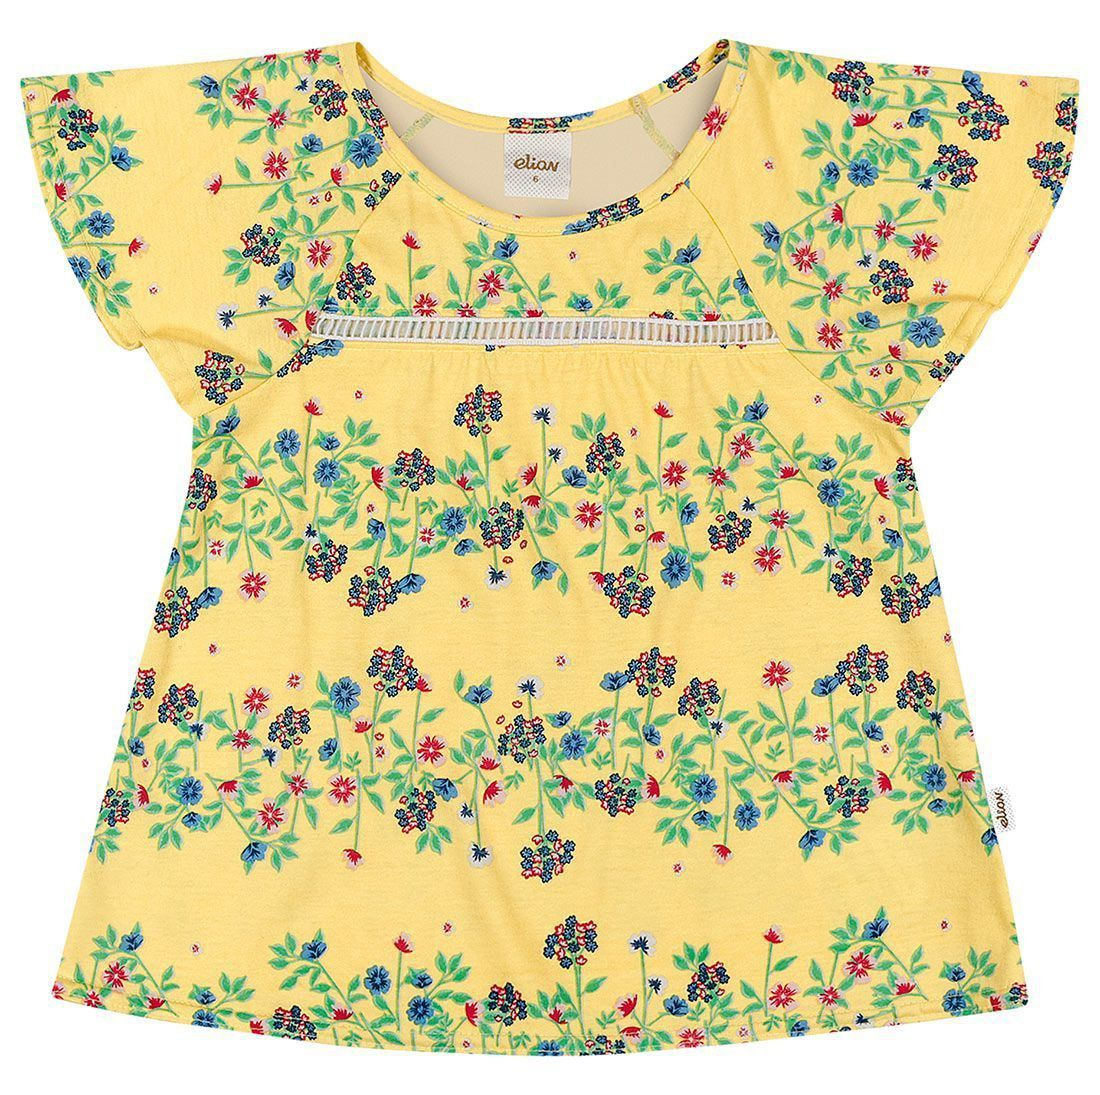 Blusa Infantil Feminina Verão Amarela Floral Elian